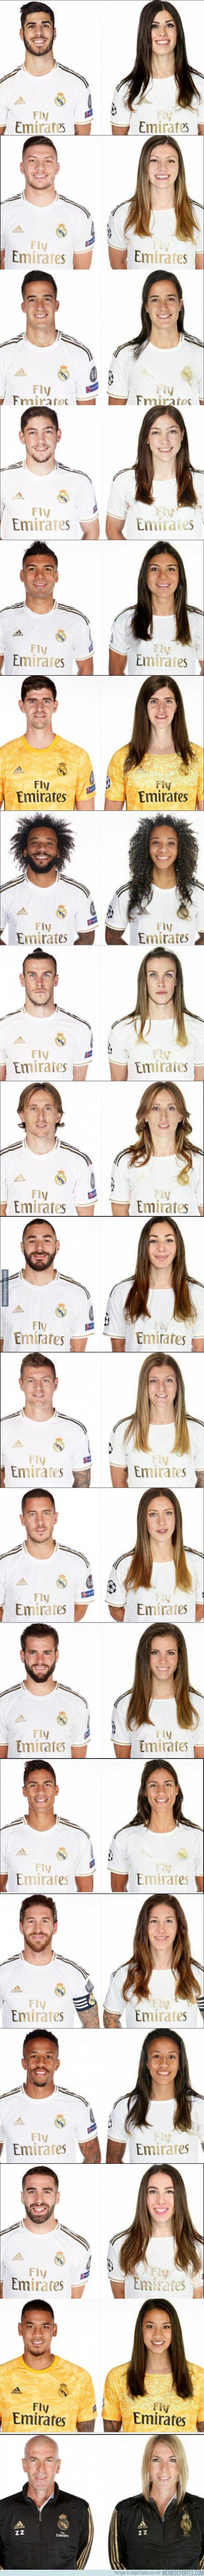 1106552 - Así sería la versión femenina de todos los jugadores del Real Madrid con la que todo el mundo se está riendo